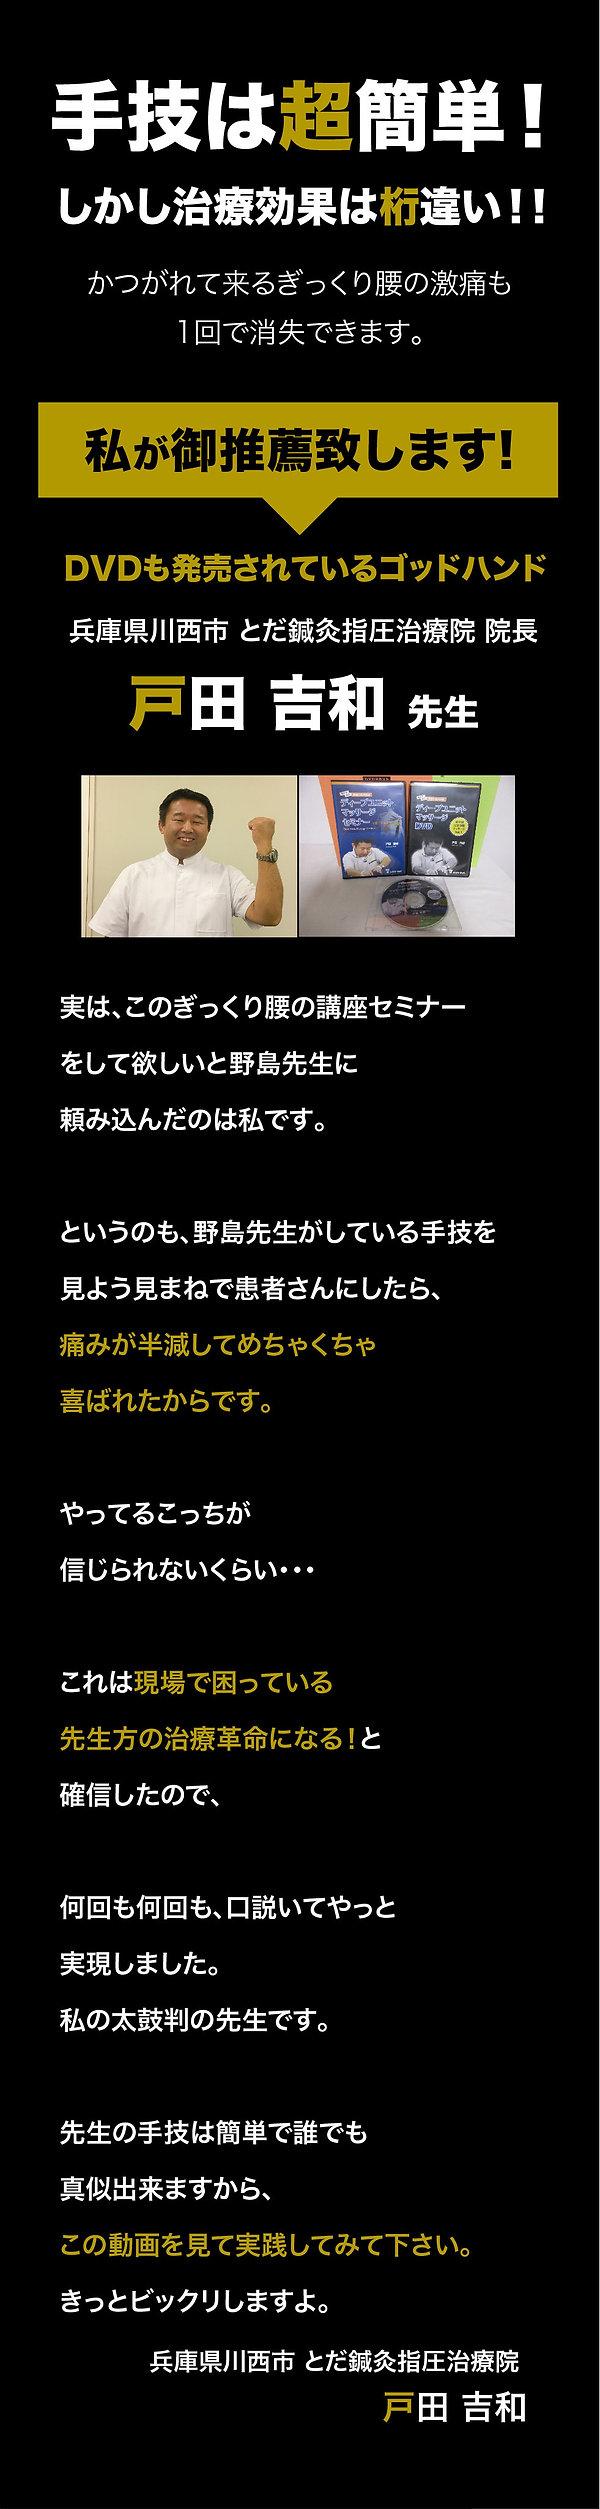 ぎっくり腰セミナー_メインページ_191013-03.jpg